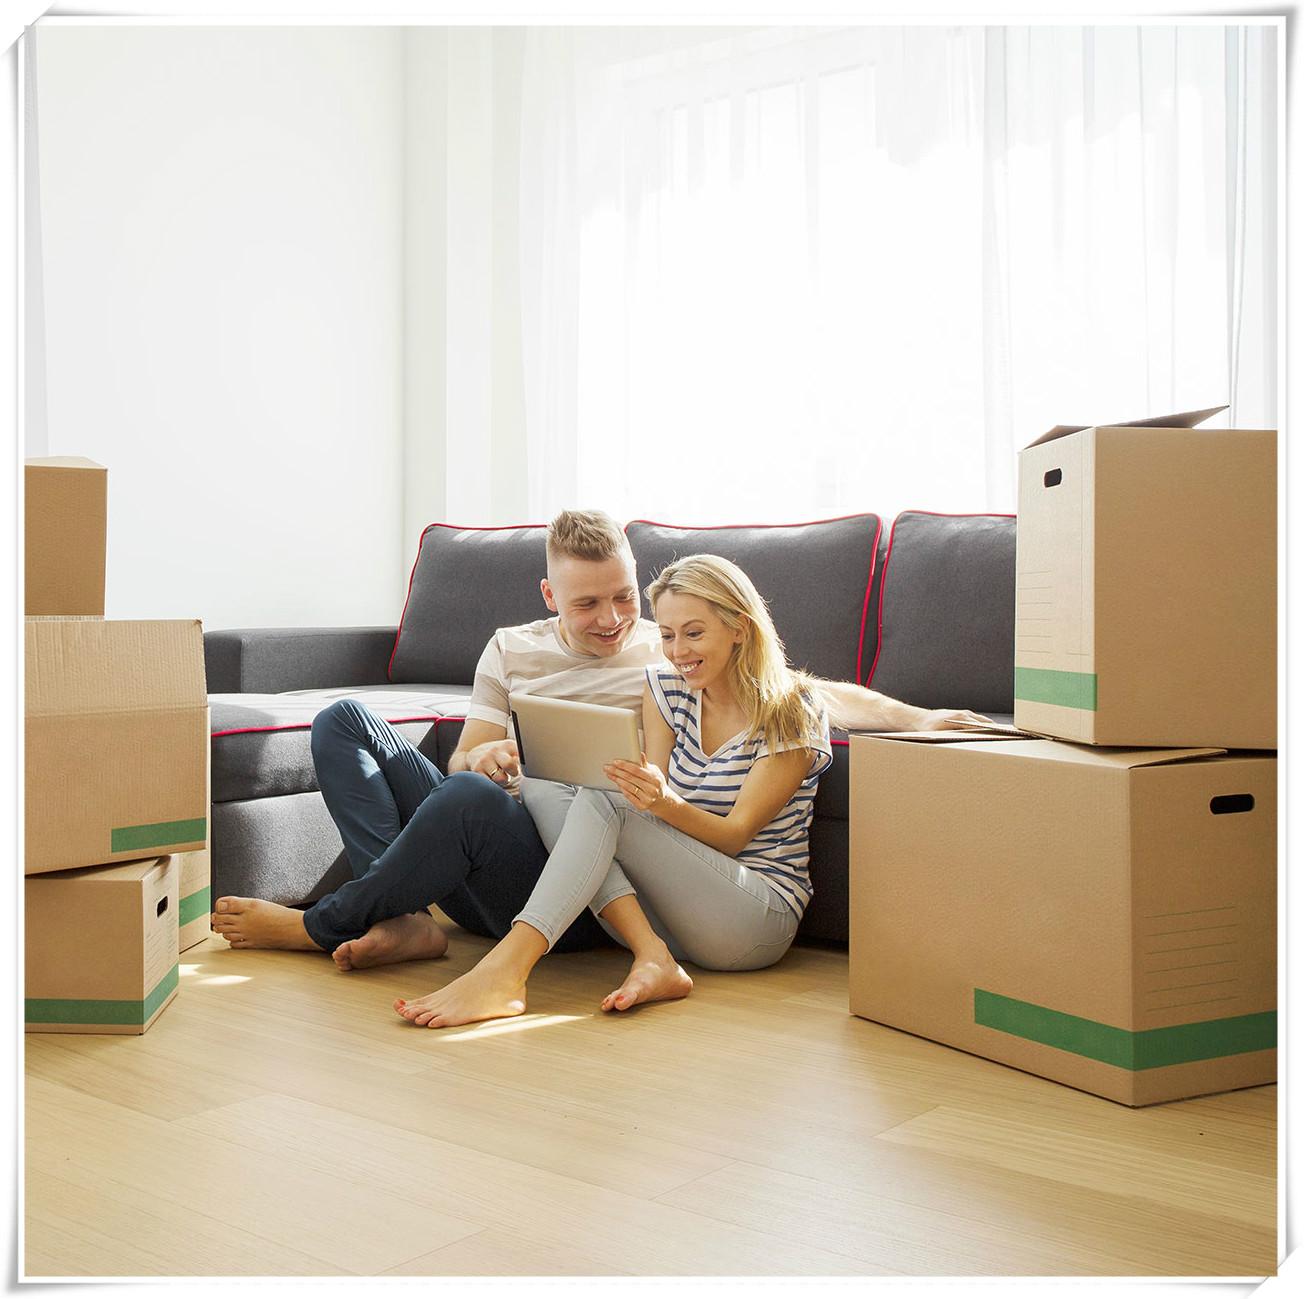 新房搬家需要买些什么东西?